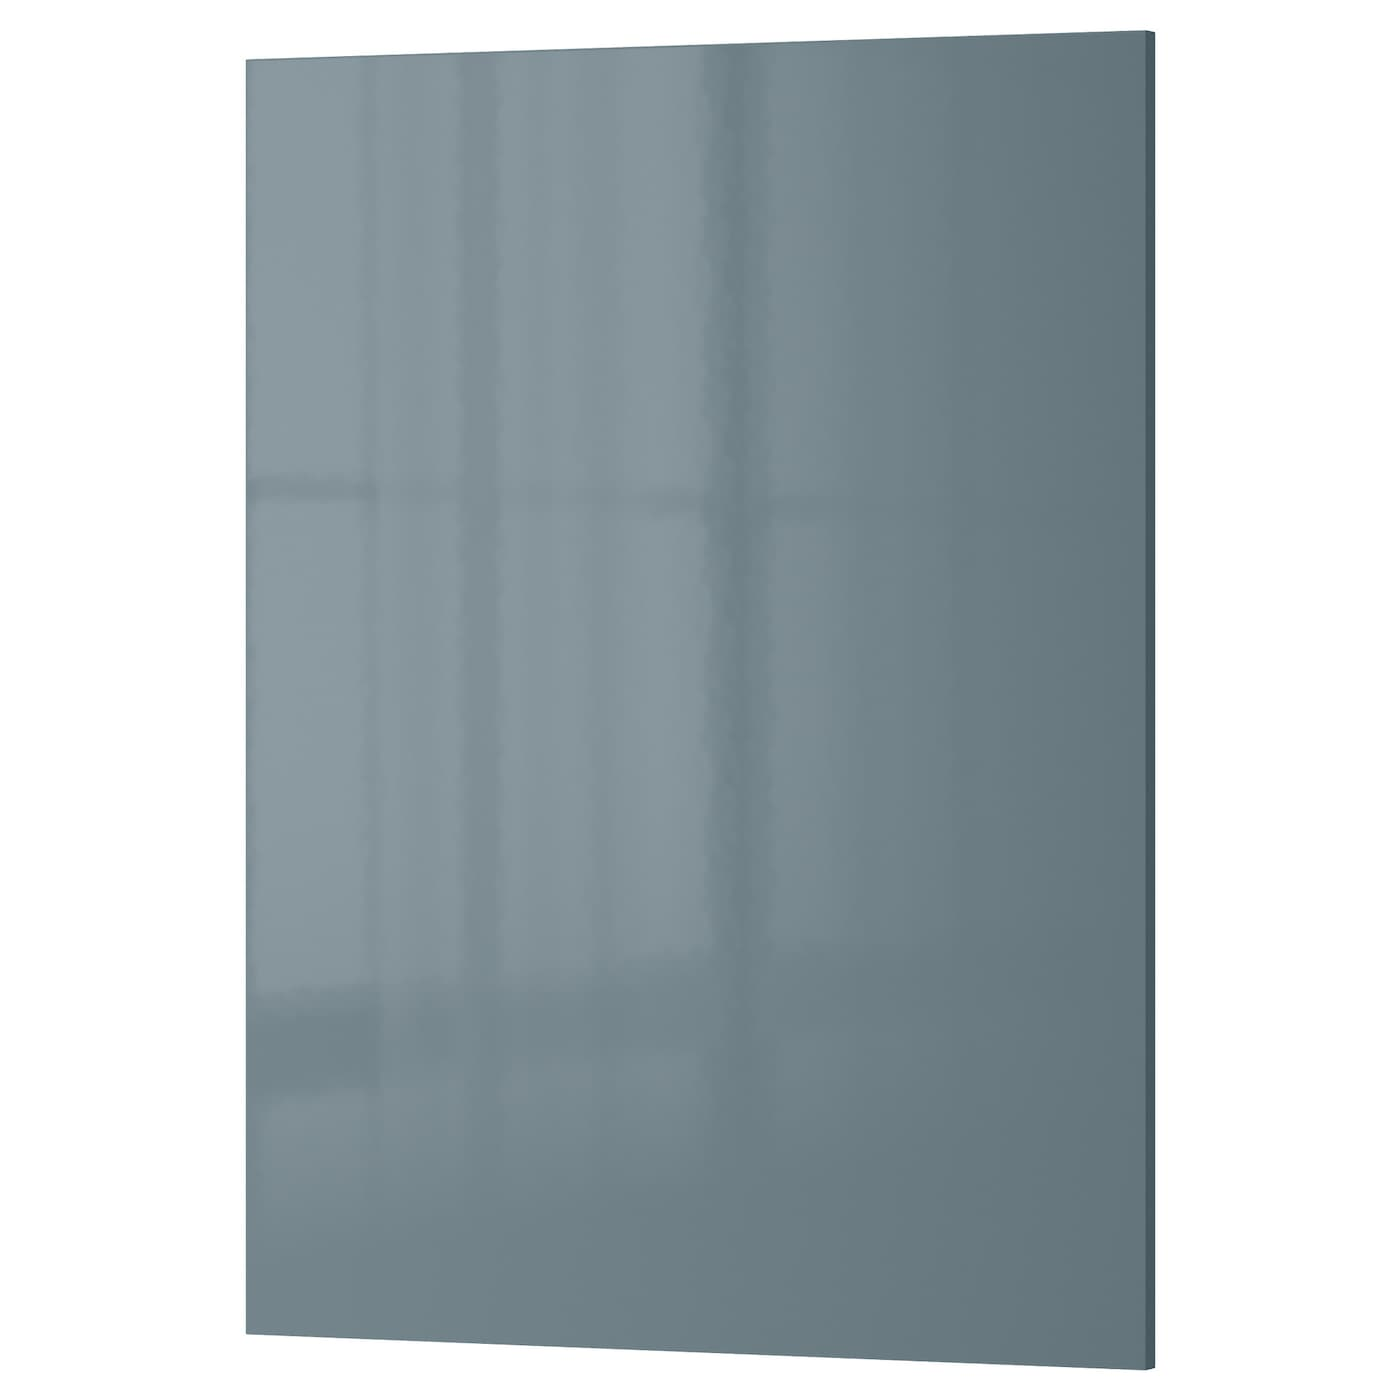 Replacement Kitchen Doors - IKEA